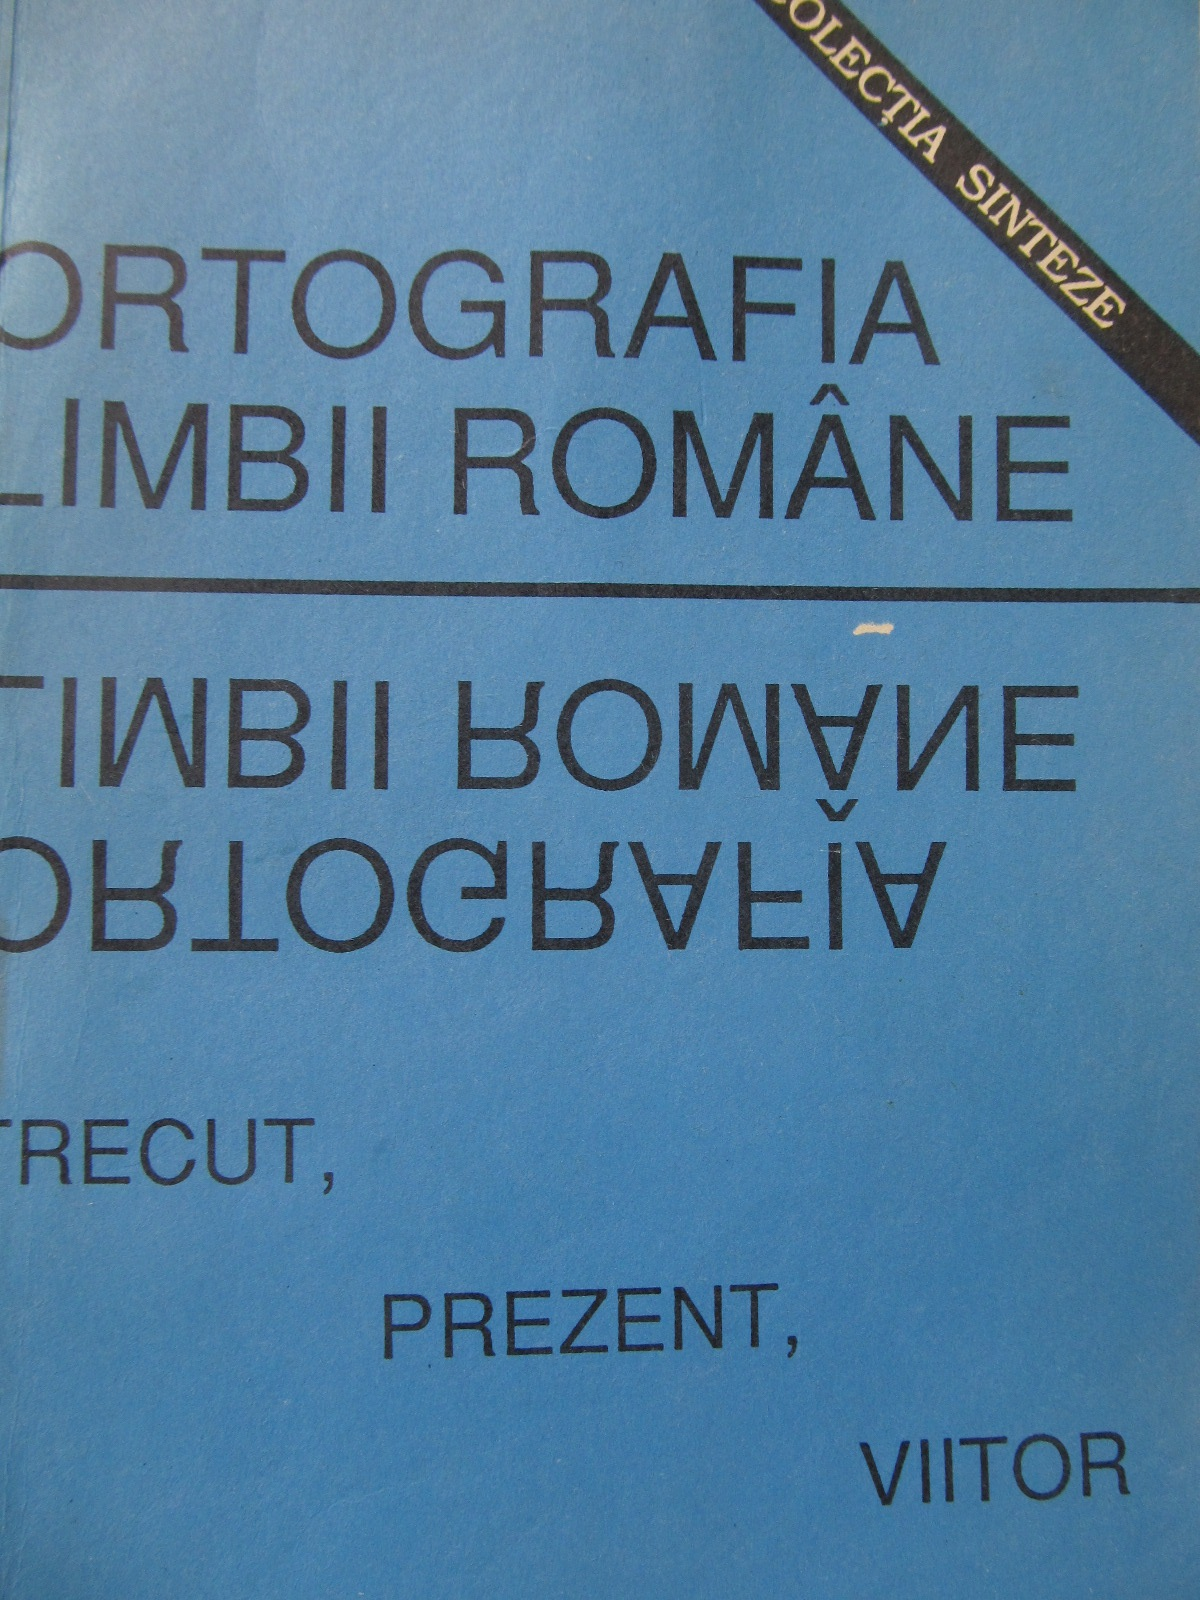 Ortografia limbii romane trecut prezent viitor - *** | Detalii carte